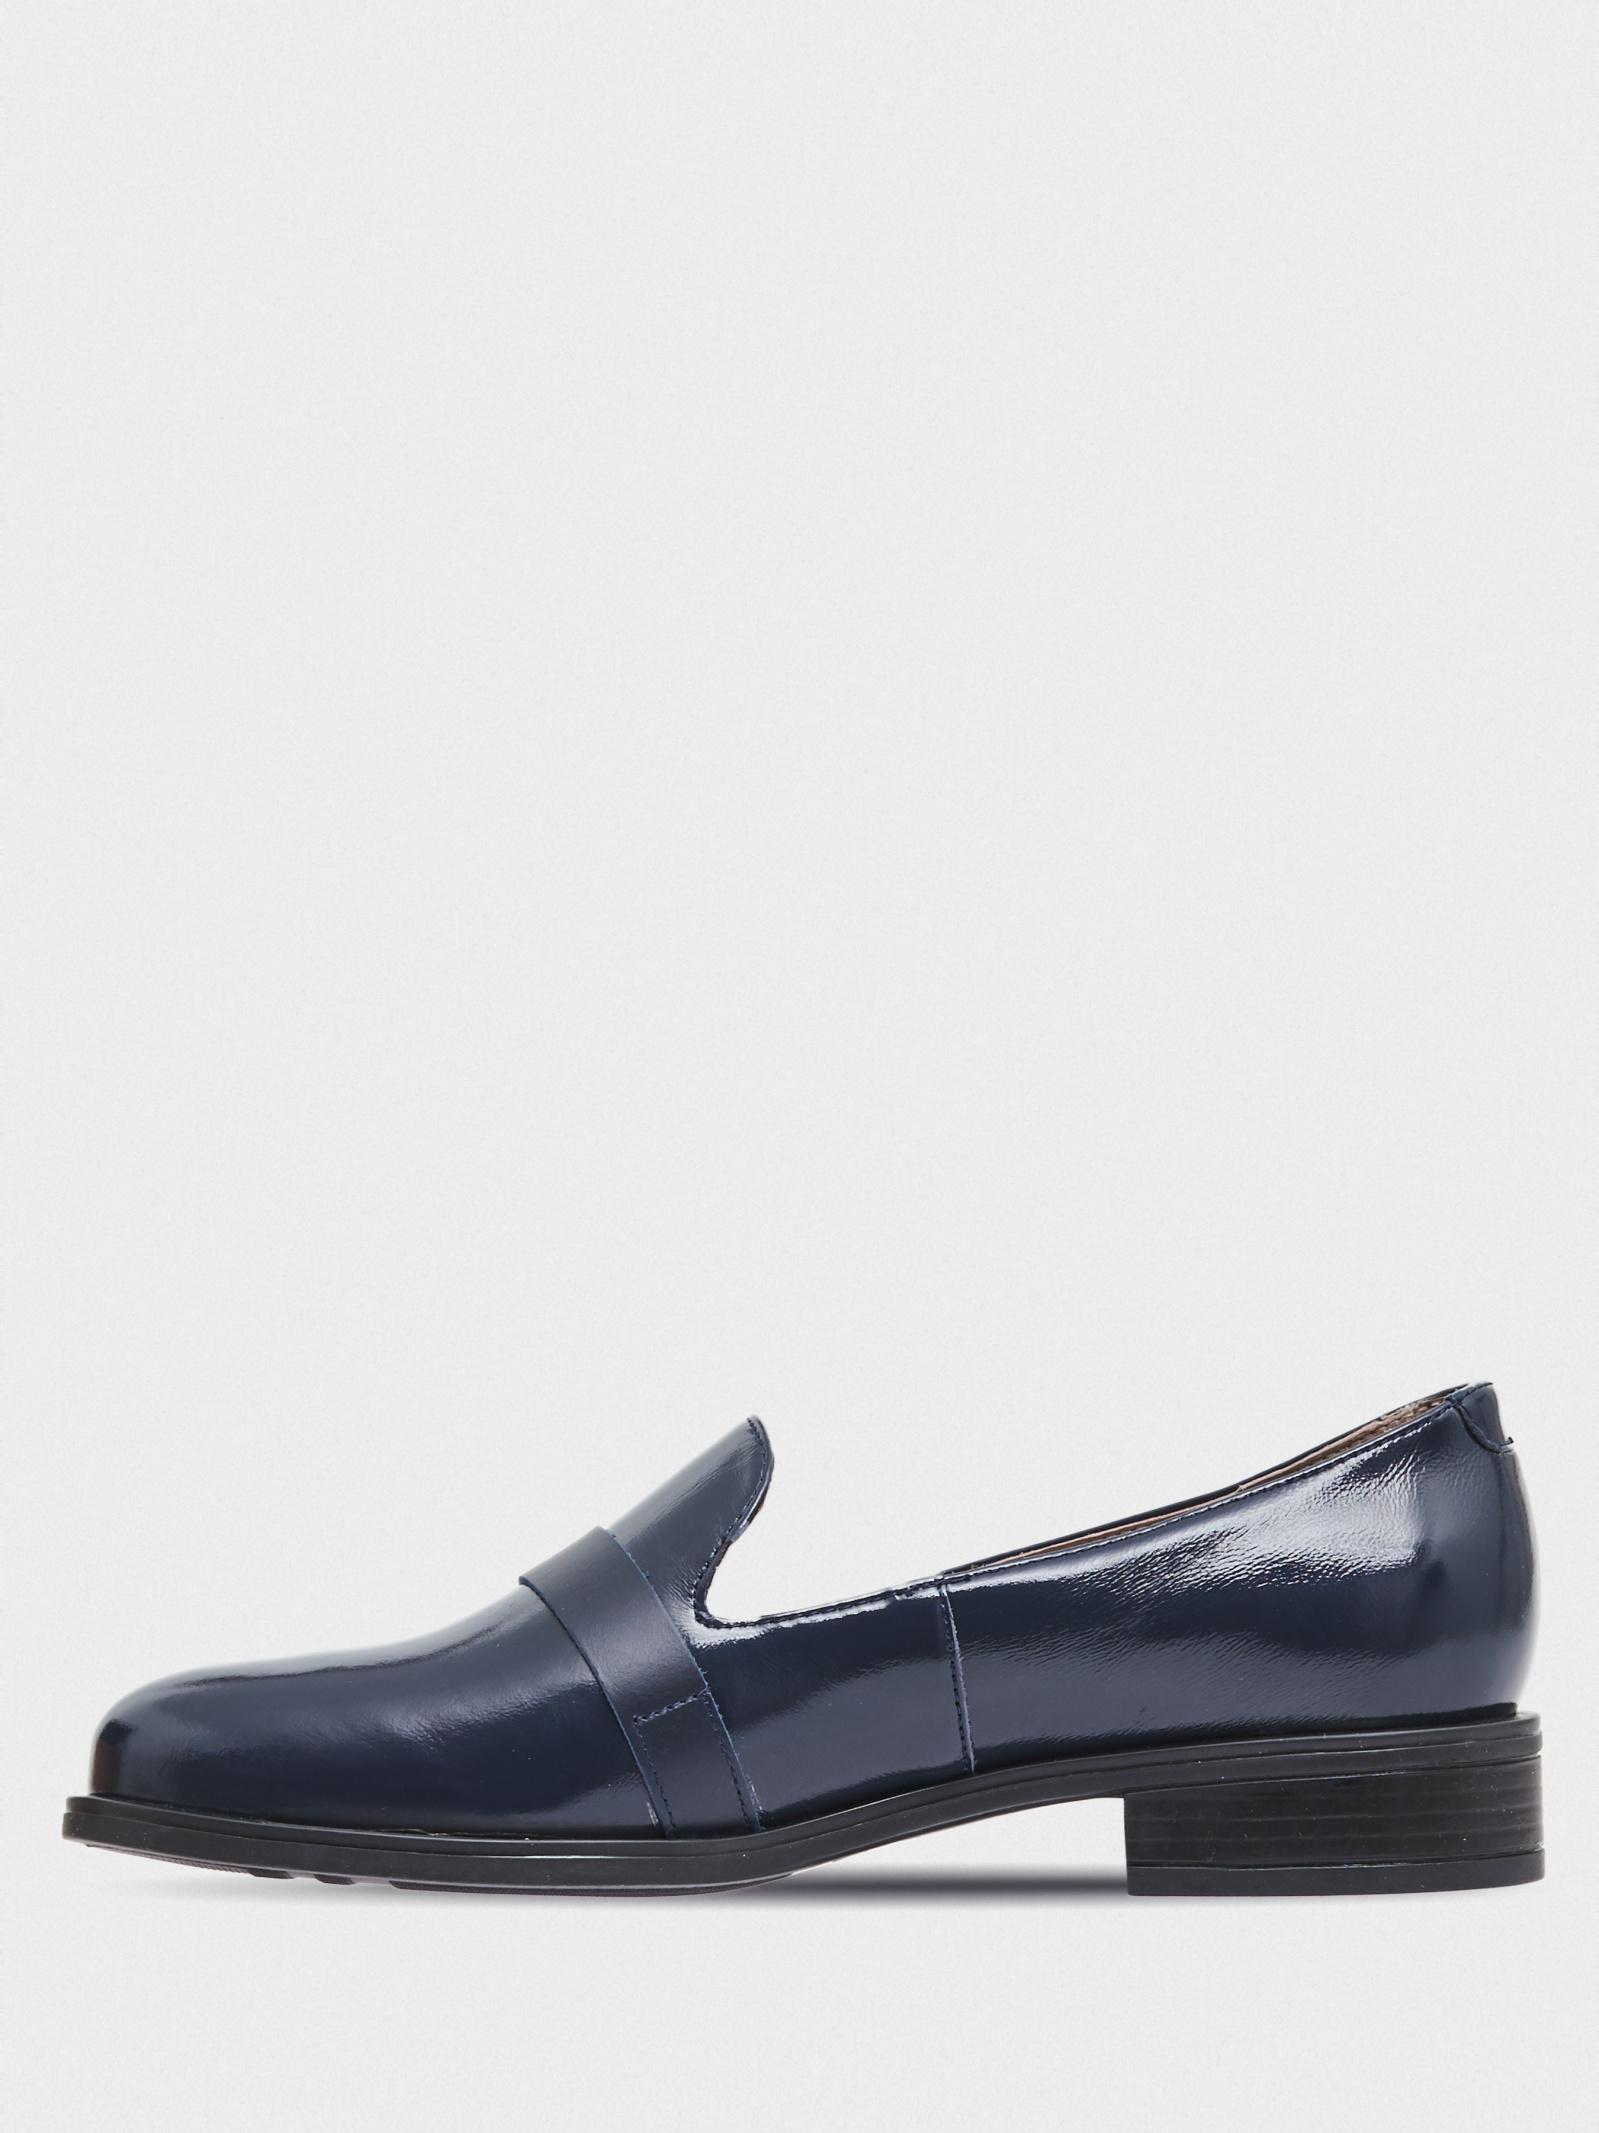 Туфлі  для жінок BRASKA 213-2432/609 вартість, 2017